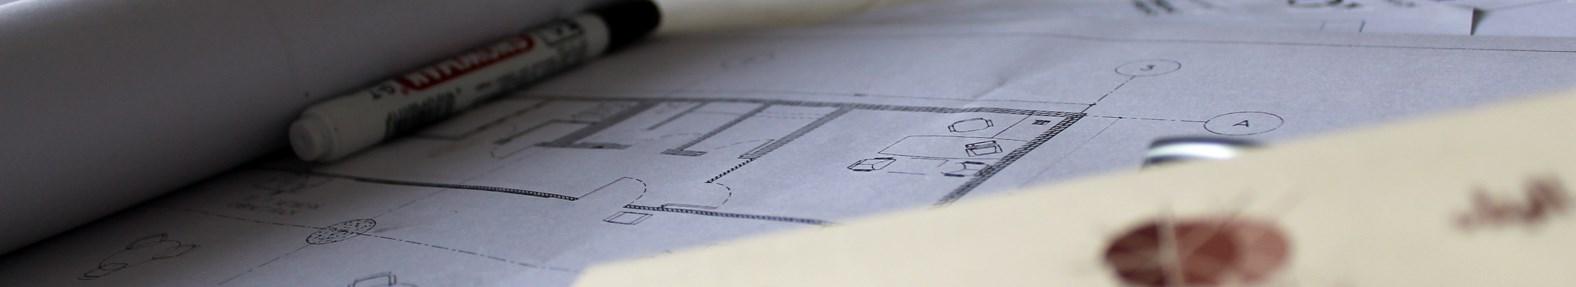 مجموعة التكامل لمواقع البناء - المشاريع